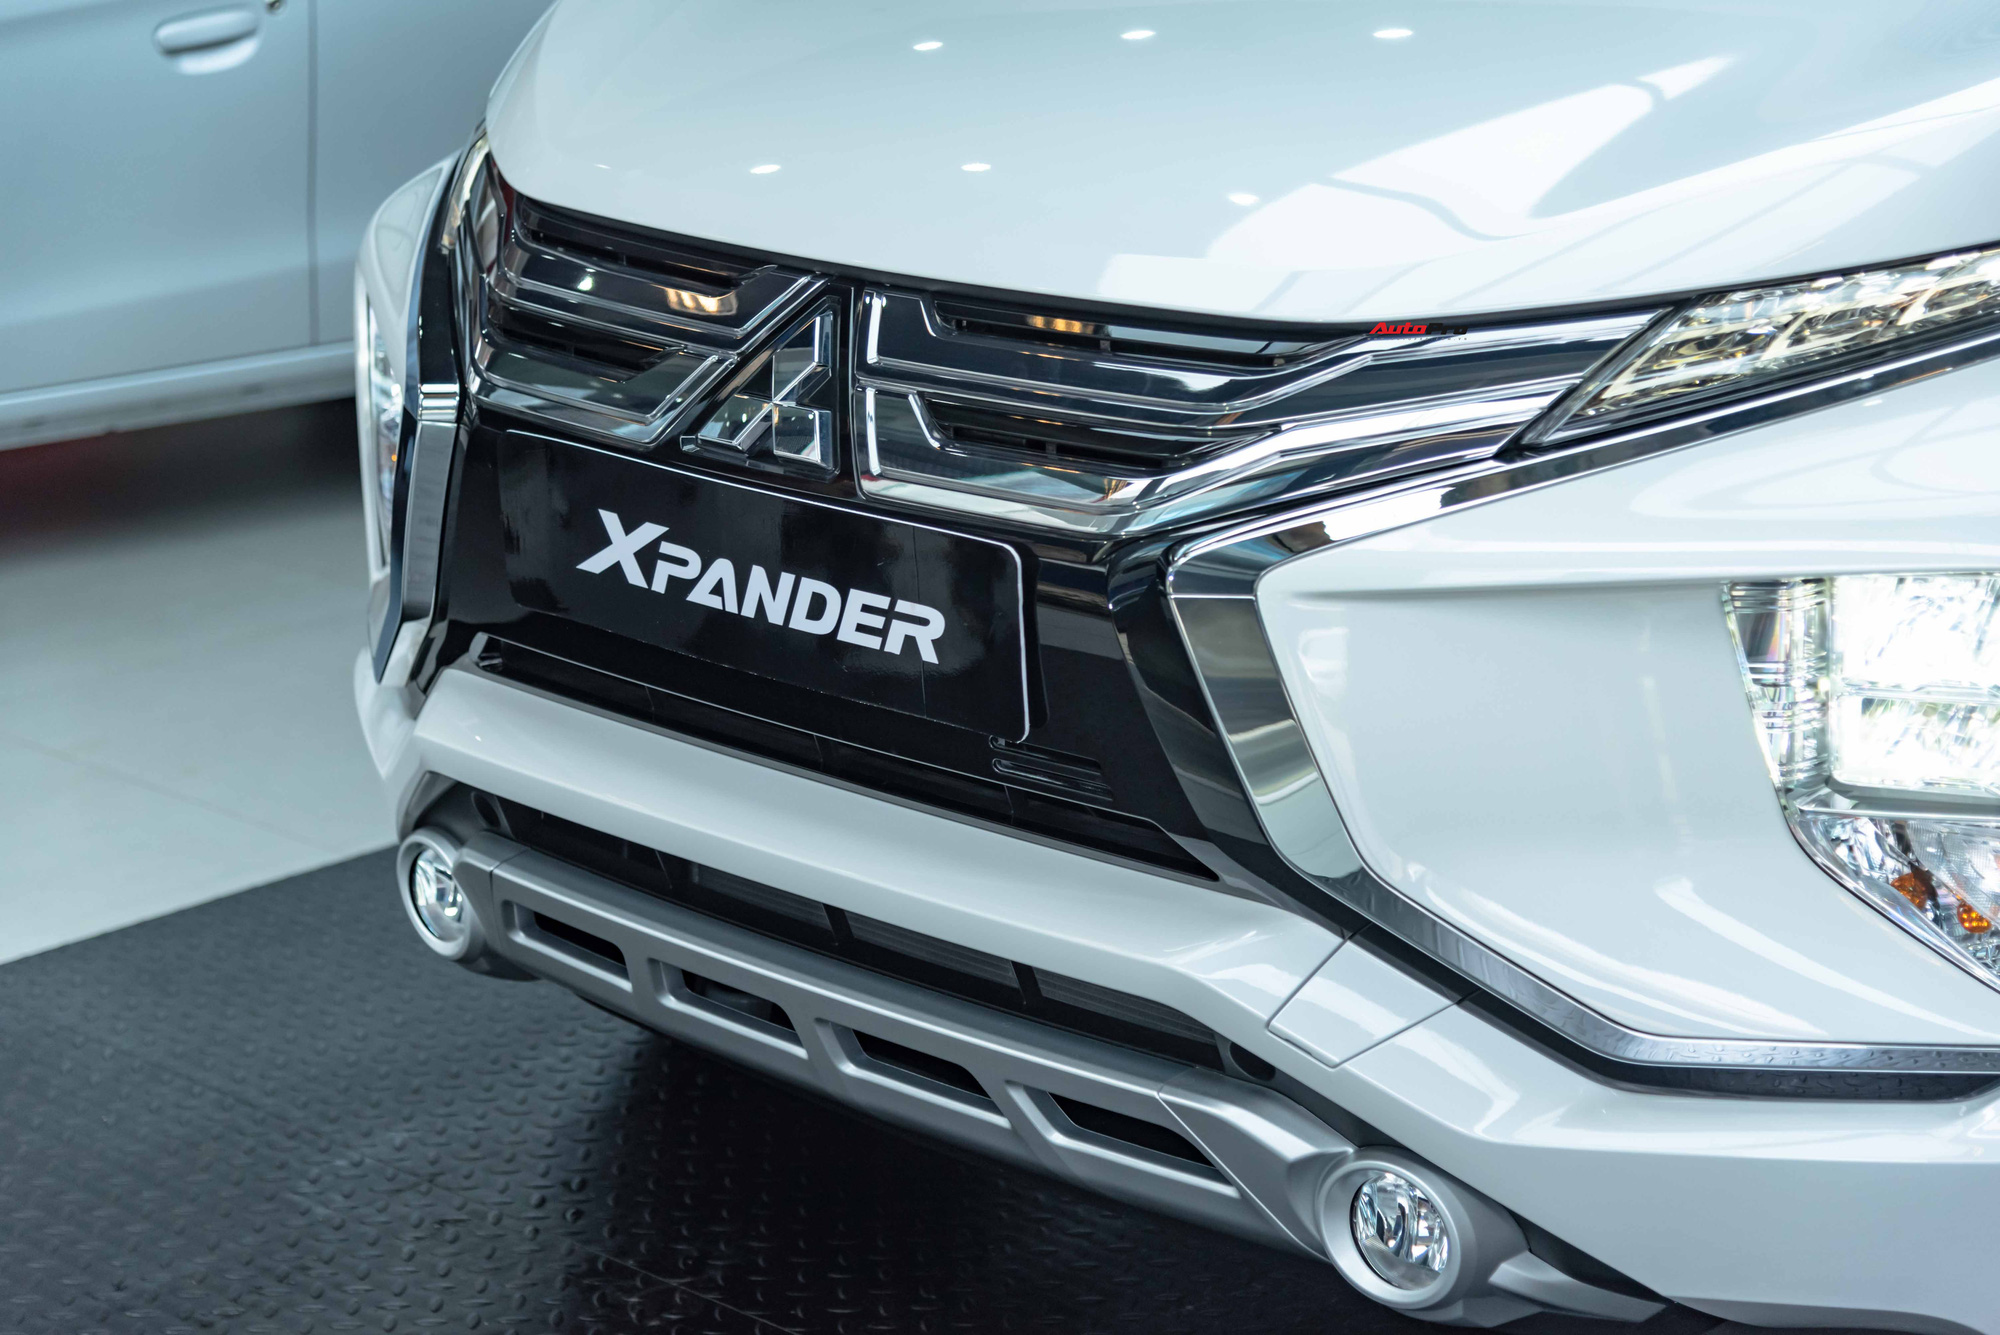 Ra mắt Mitsubishi Xpander 2020: Đánh giá 8 điểm mới, tăng 10 triệu nhưng tặng lại 10 triệu, rộng đường giữ ngôi vua MPV-2